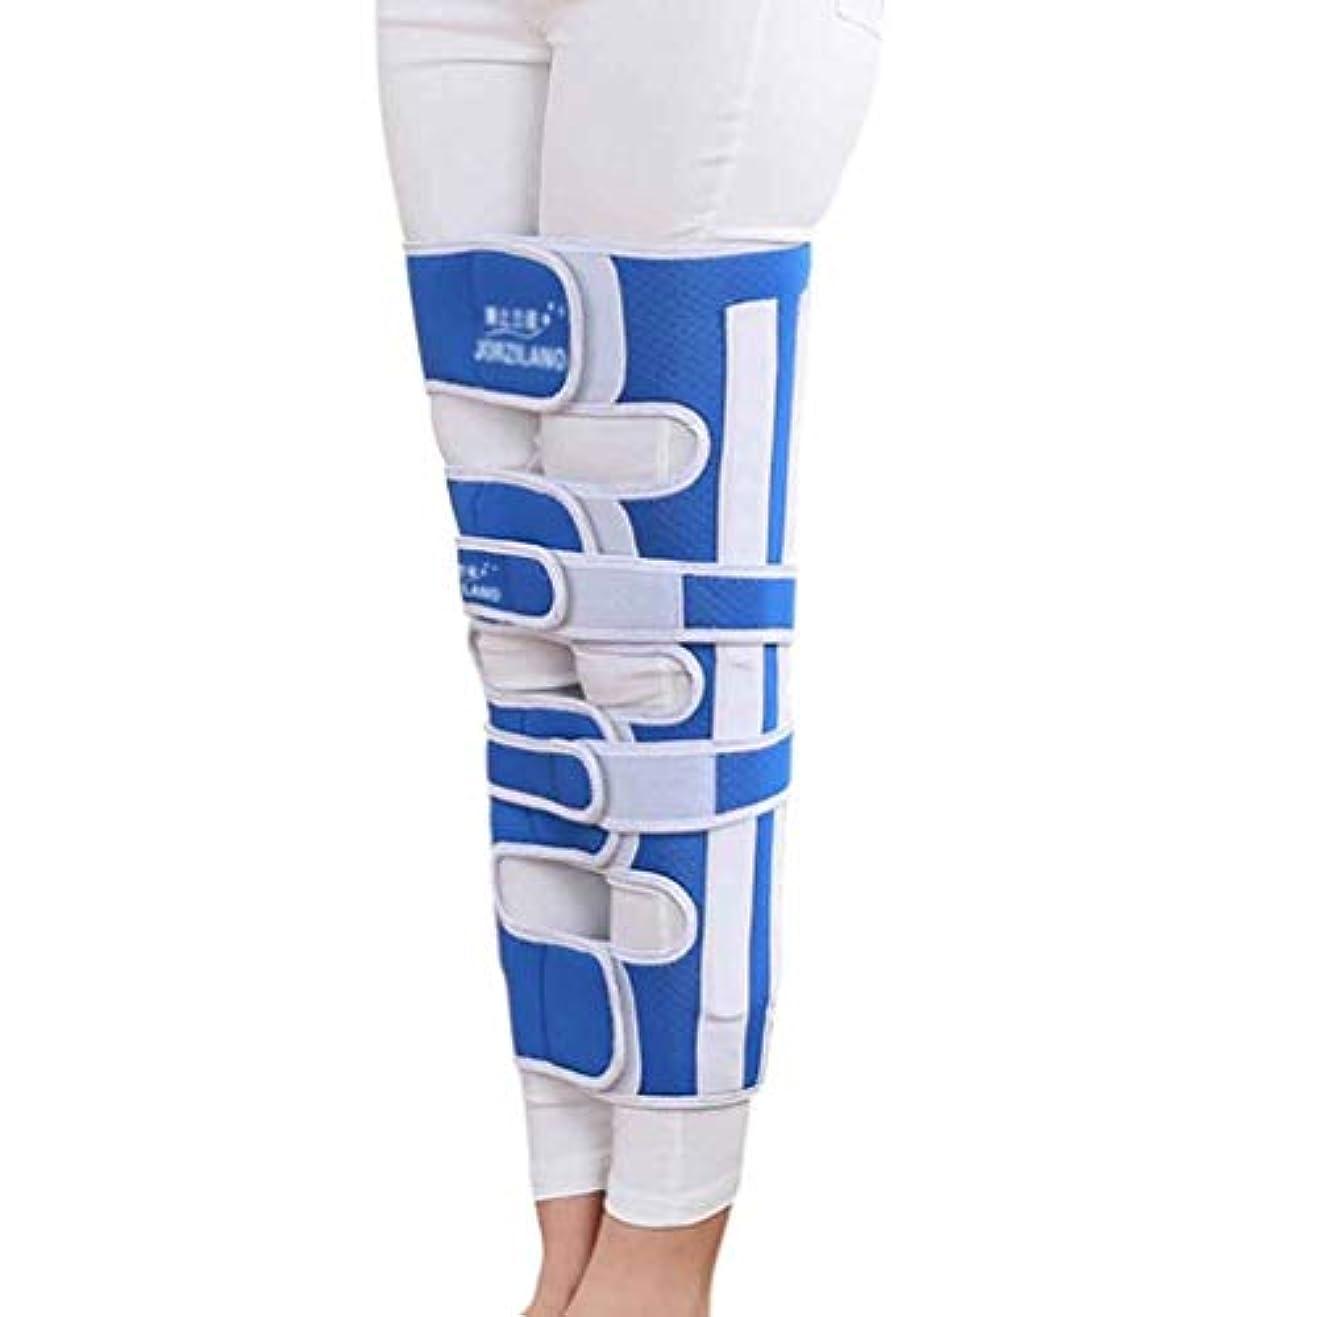 インスタンス風景混合したO脚 矯正ベルト 姿勢矯正 膝弓矯正用ベルト X脚 矯正 内反膝矯正 美脚サポート 矯正用包帯